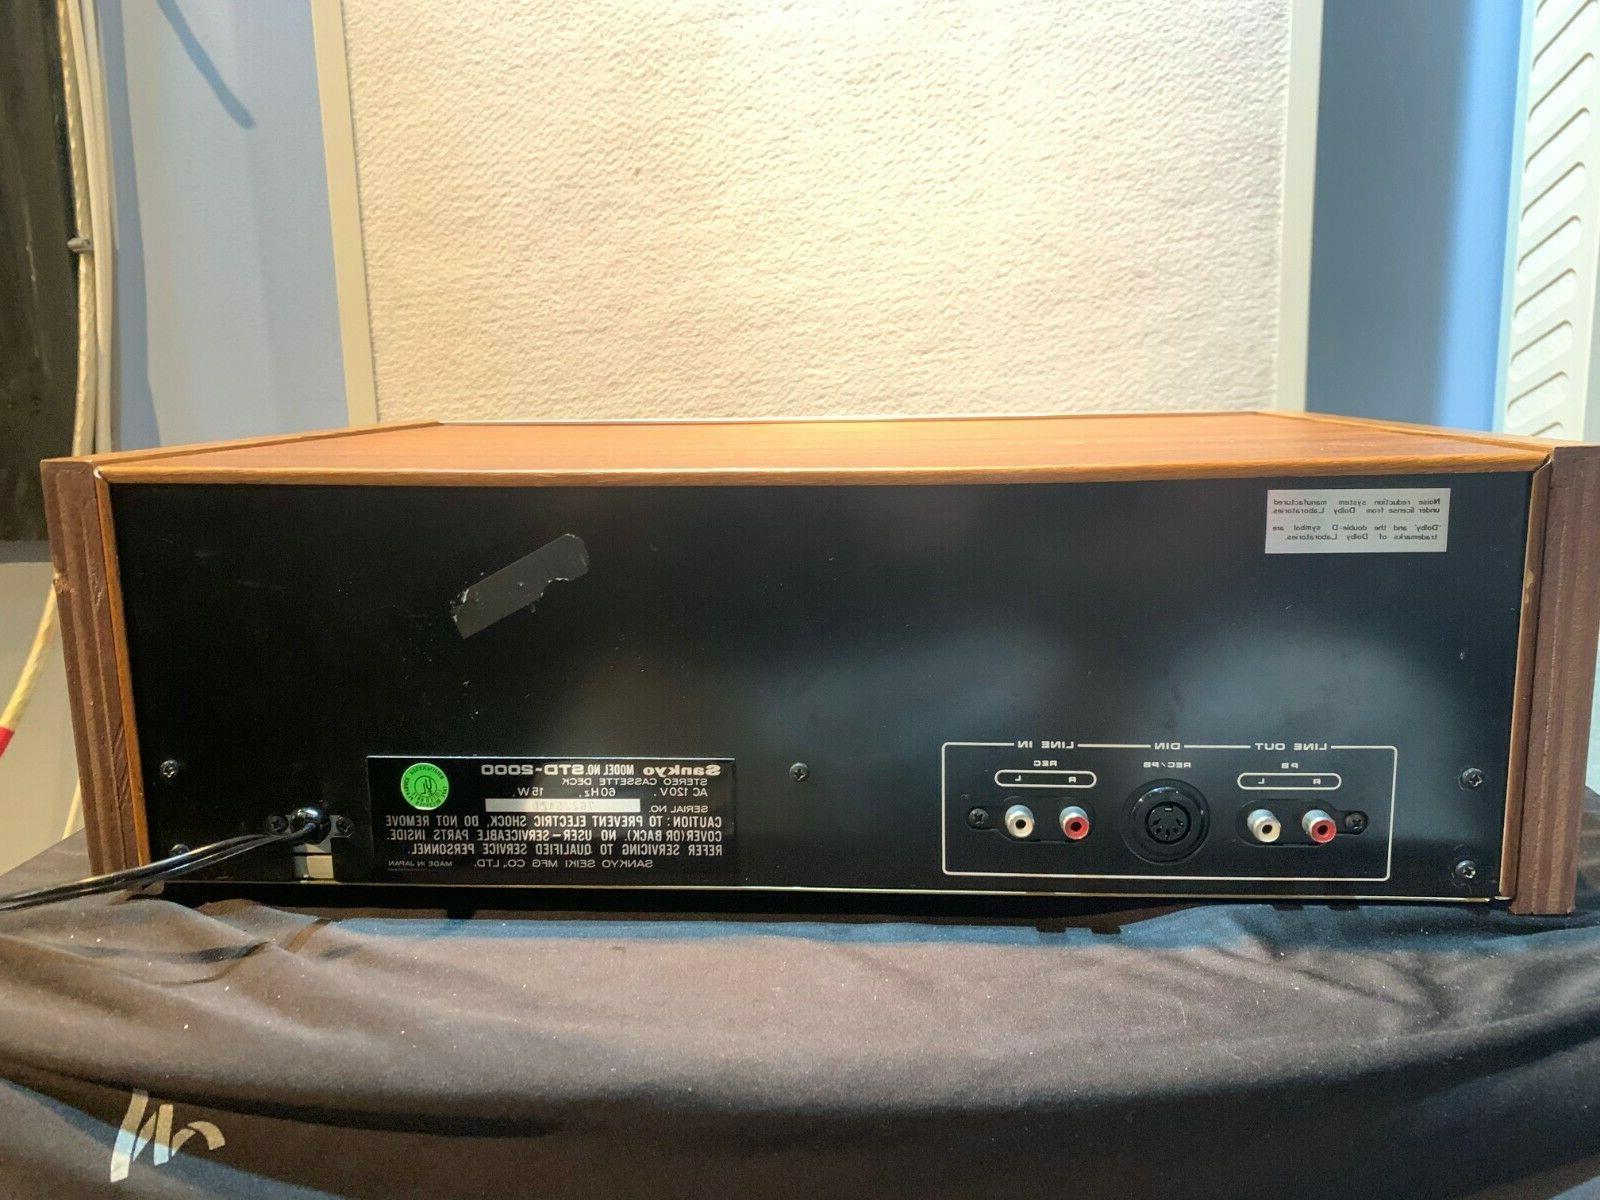 Sankyo STD-2000 Cassette Deck - Is